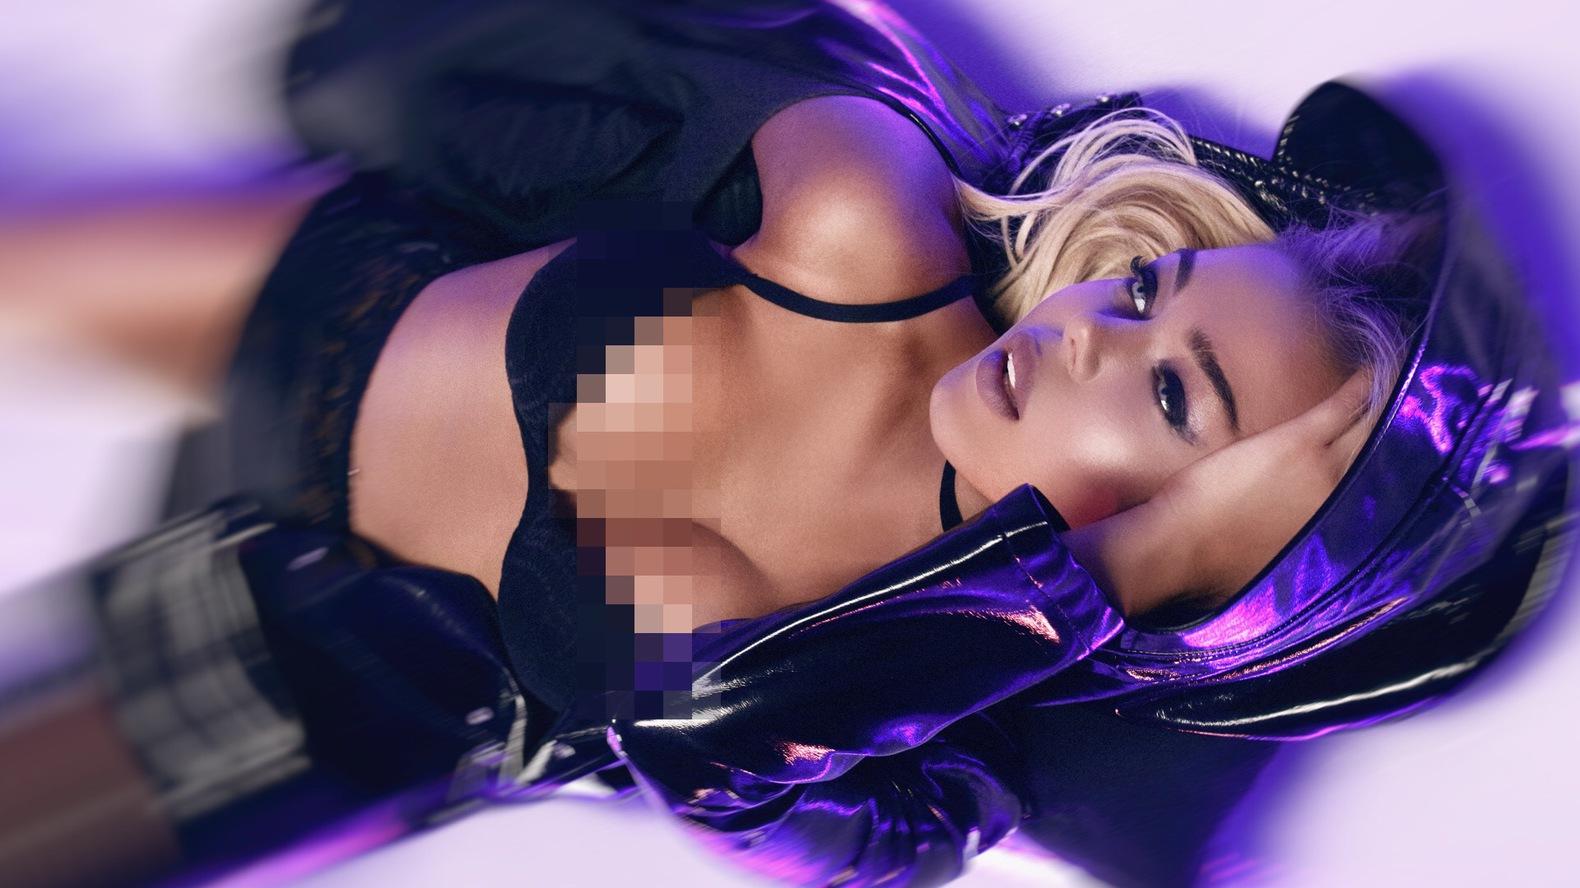 Sexy music pics